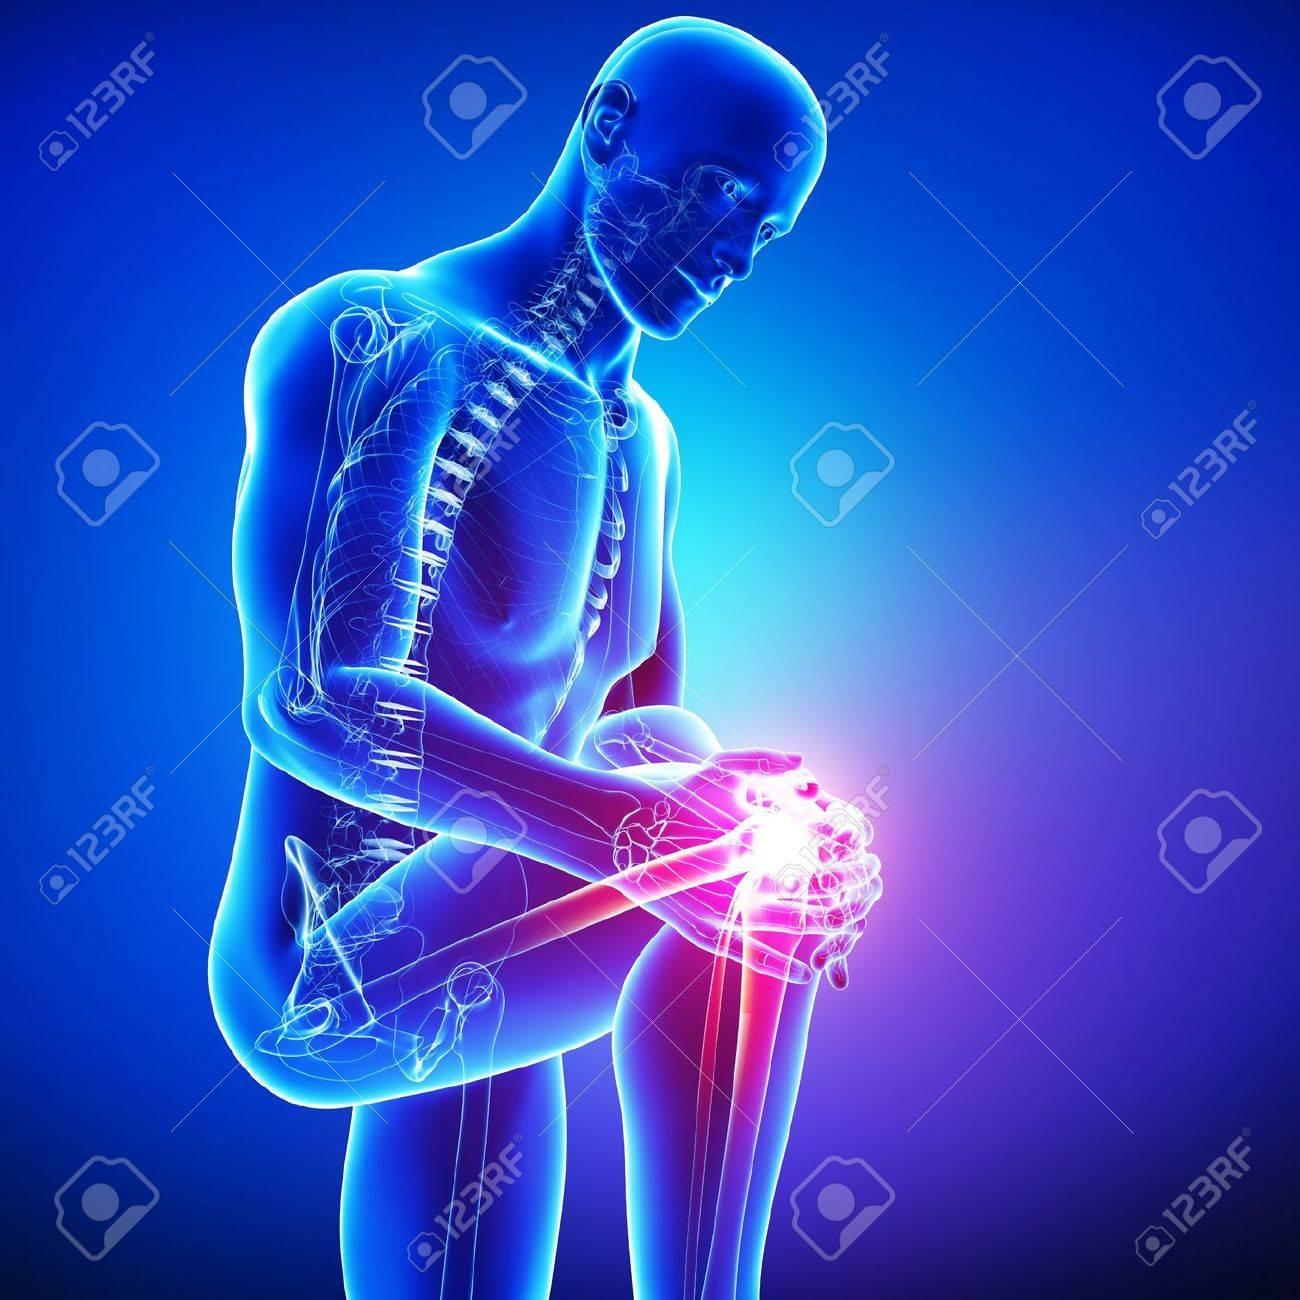 Anatomie Des Männlichen Knieschmerzen In Blau Lizenzfreie Fotos ...